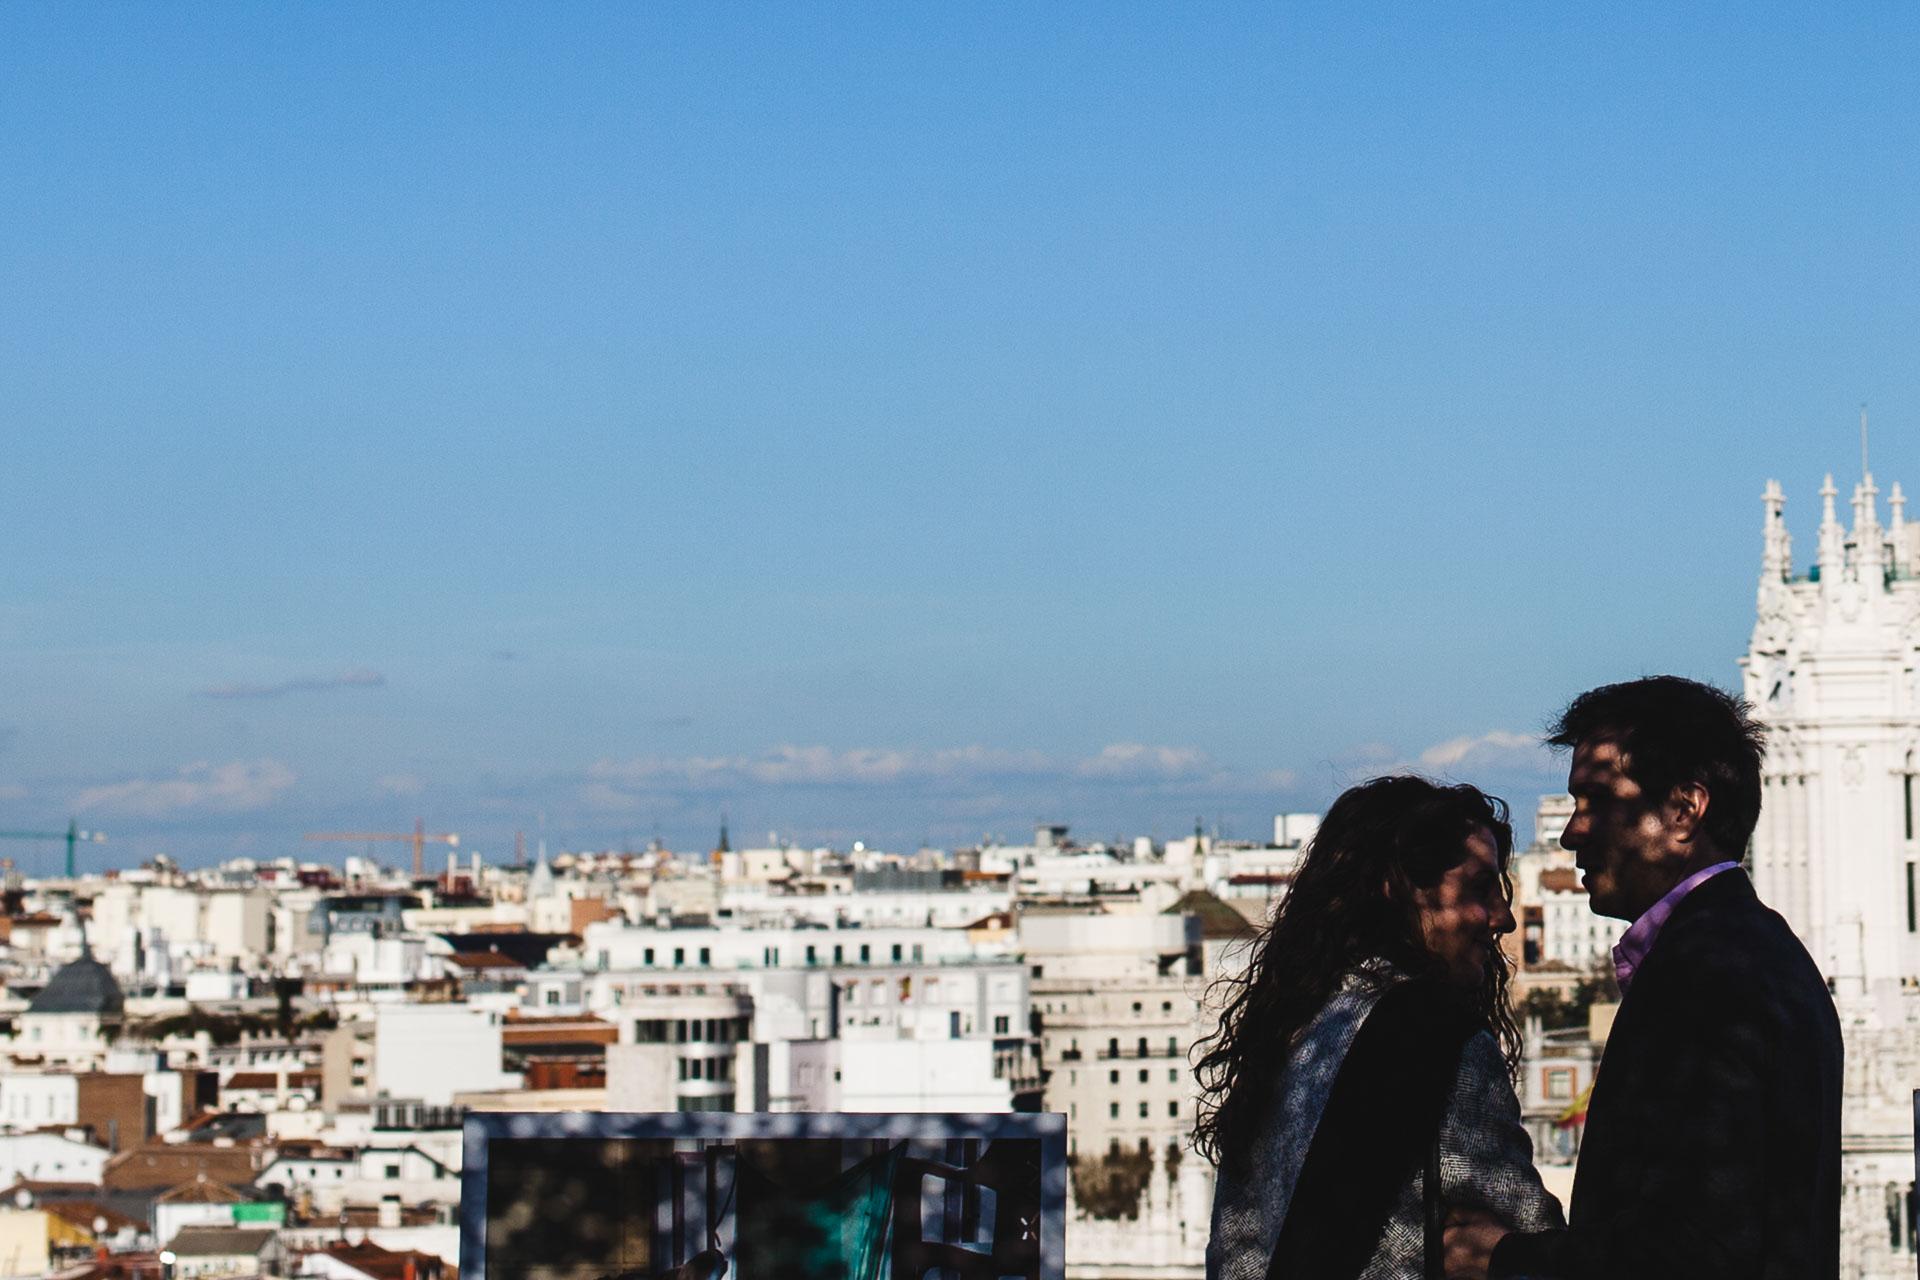 Fotografia Preboda Madrid Sesion pareja Azotea Circulo de bellas Artes sombras